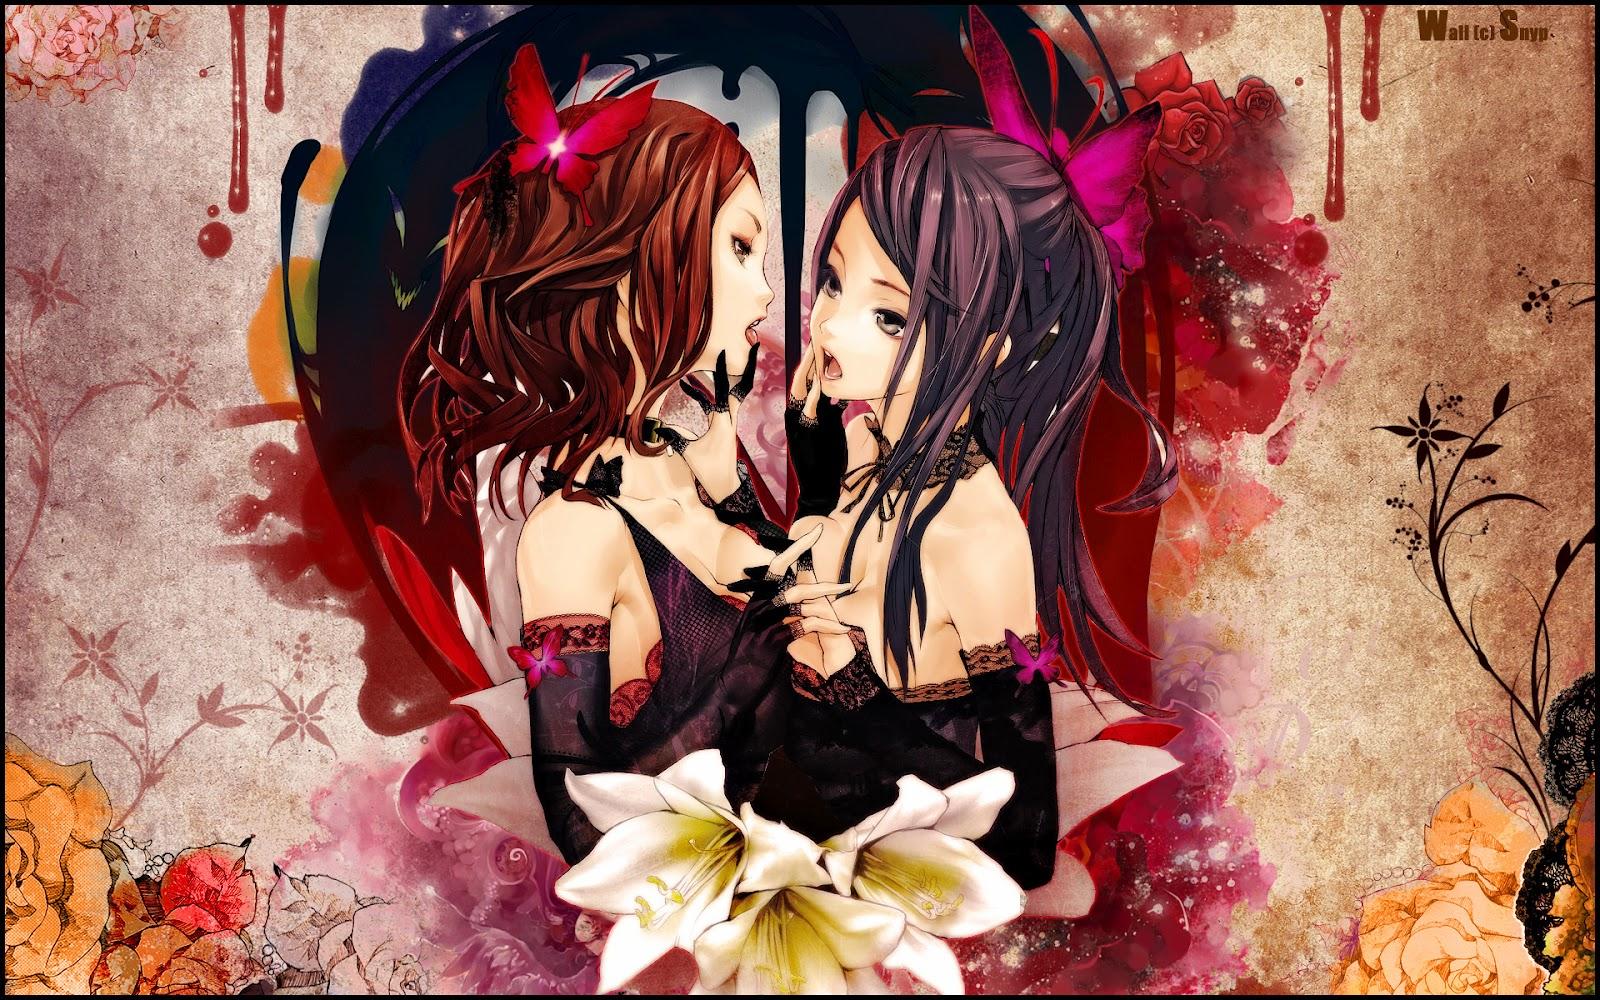 http://4.bp.blogspot.com/-NWD6O16lsOU/T6YQcGF9zEI/AAAAAAAAAiw/UMi7NwkSooE/s1600/beautiful+random+wallpaper.jpg